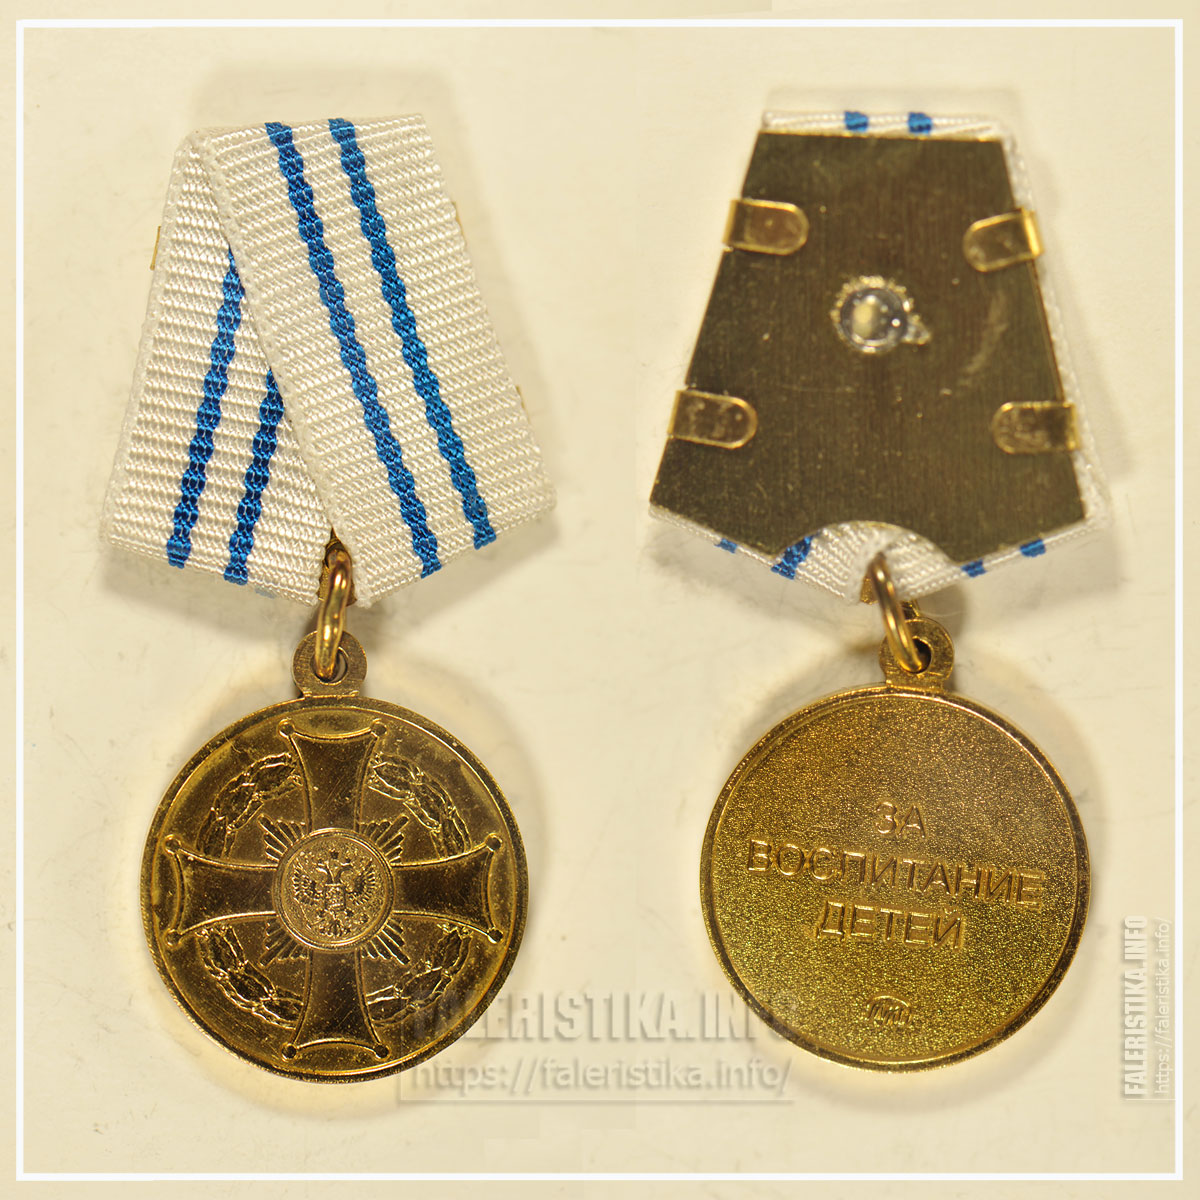 Медаль ордена «Родительская слава» (мужской вариант). Миниатюрная копия знака (фрачник). Московский монетный двор